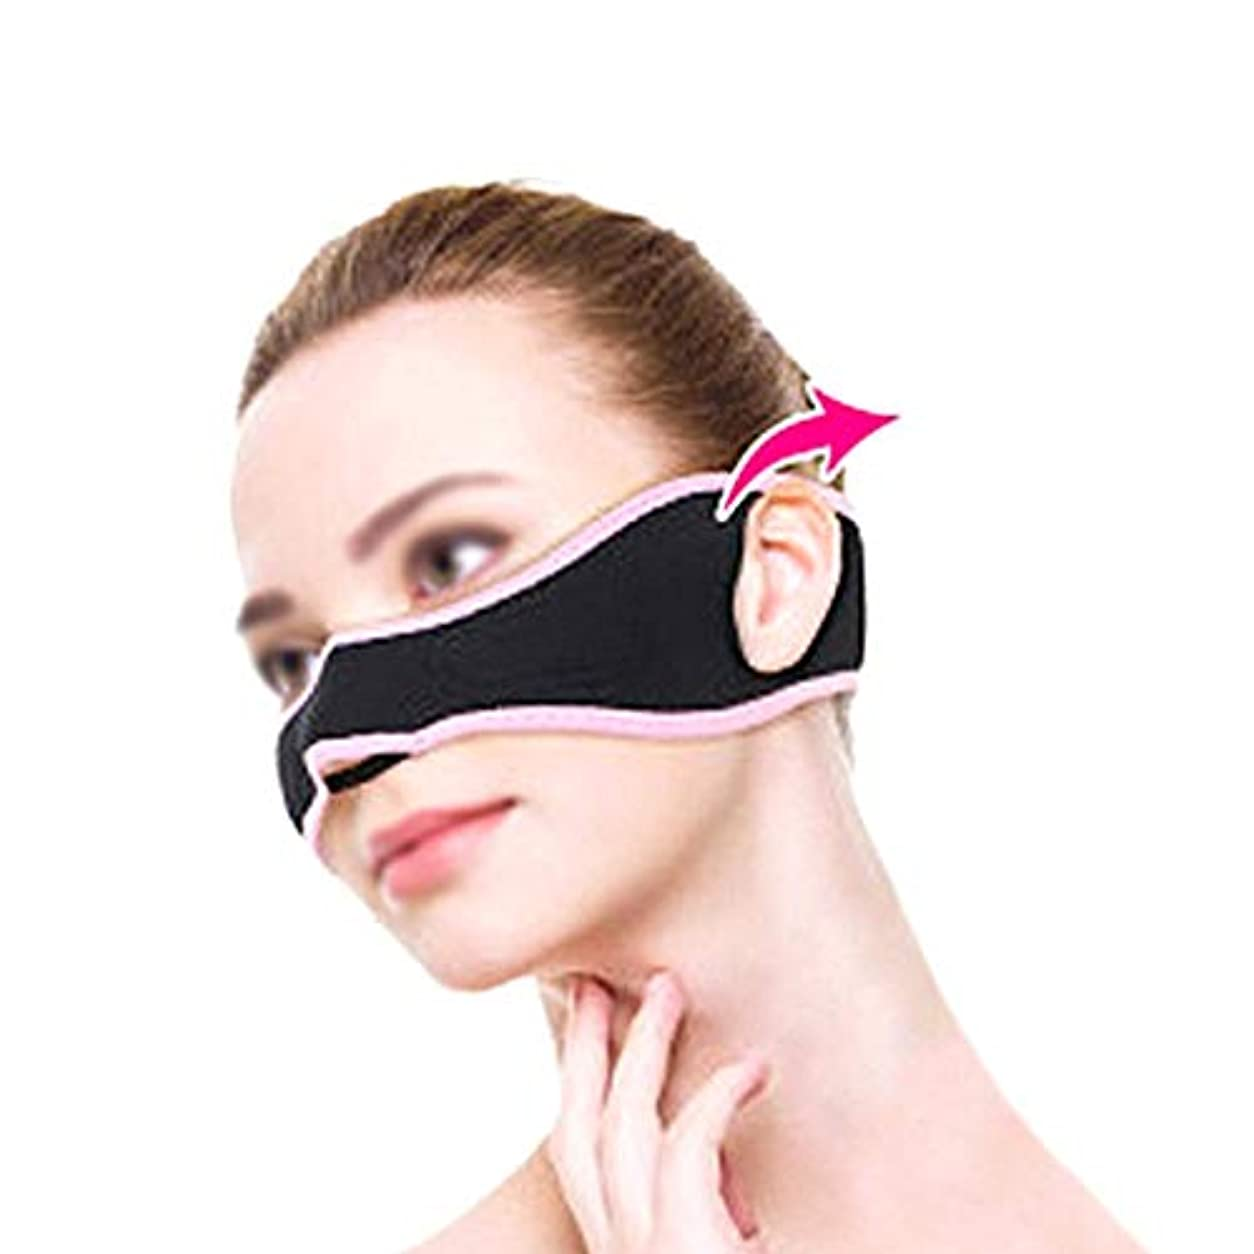 置くためにパック曲げるアプトXHLMRMJ フェイスリフティングマスク、チークリフトアップマスク、薄くて薄い顔、顔の筋肉を引き締めて持ち上げ、持ち運びが簡単で、男性と女性の両方が使用できます